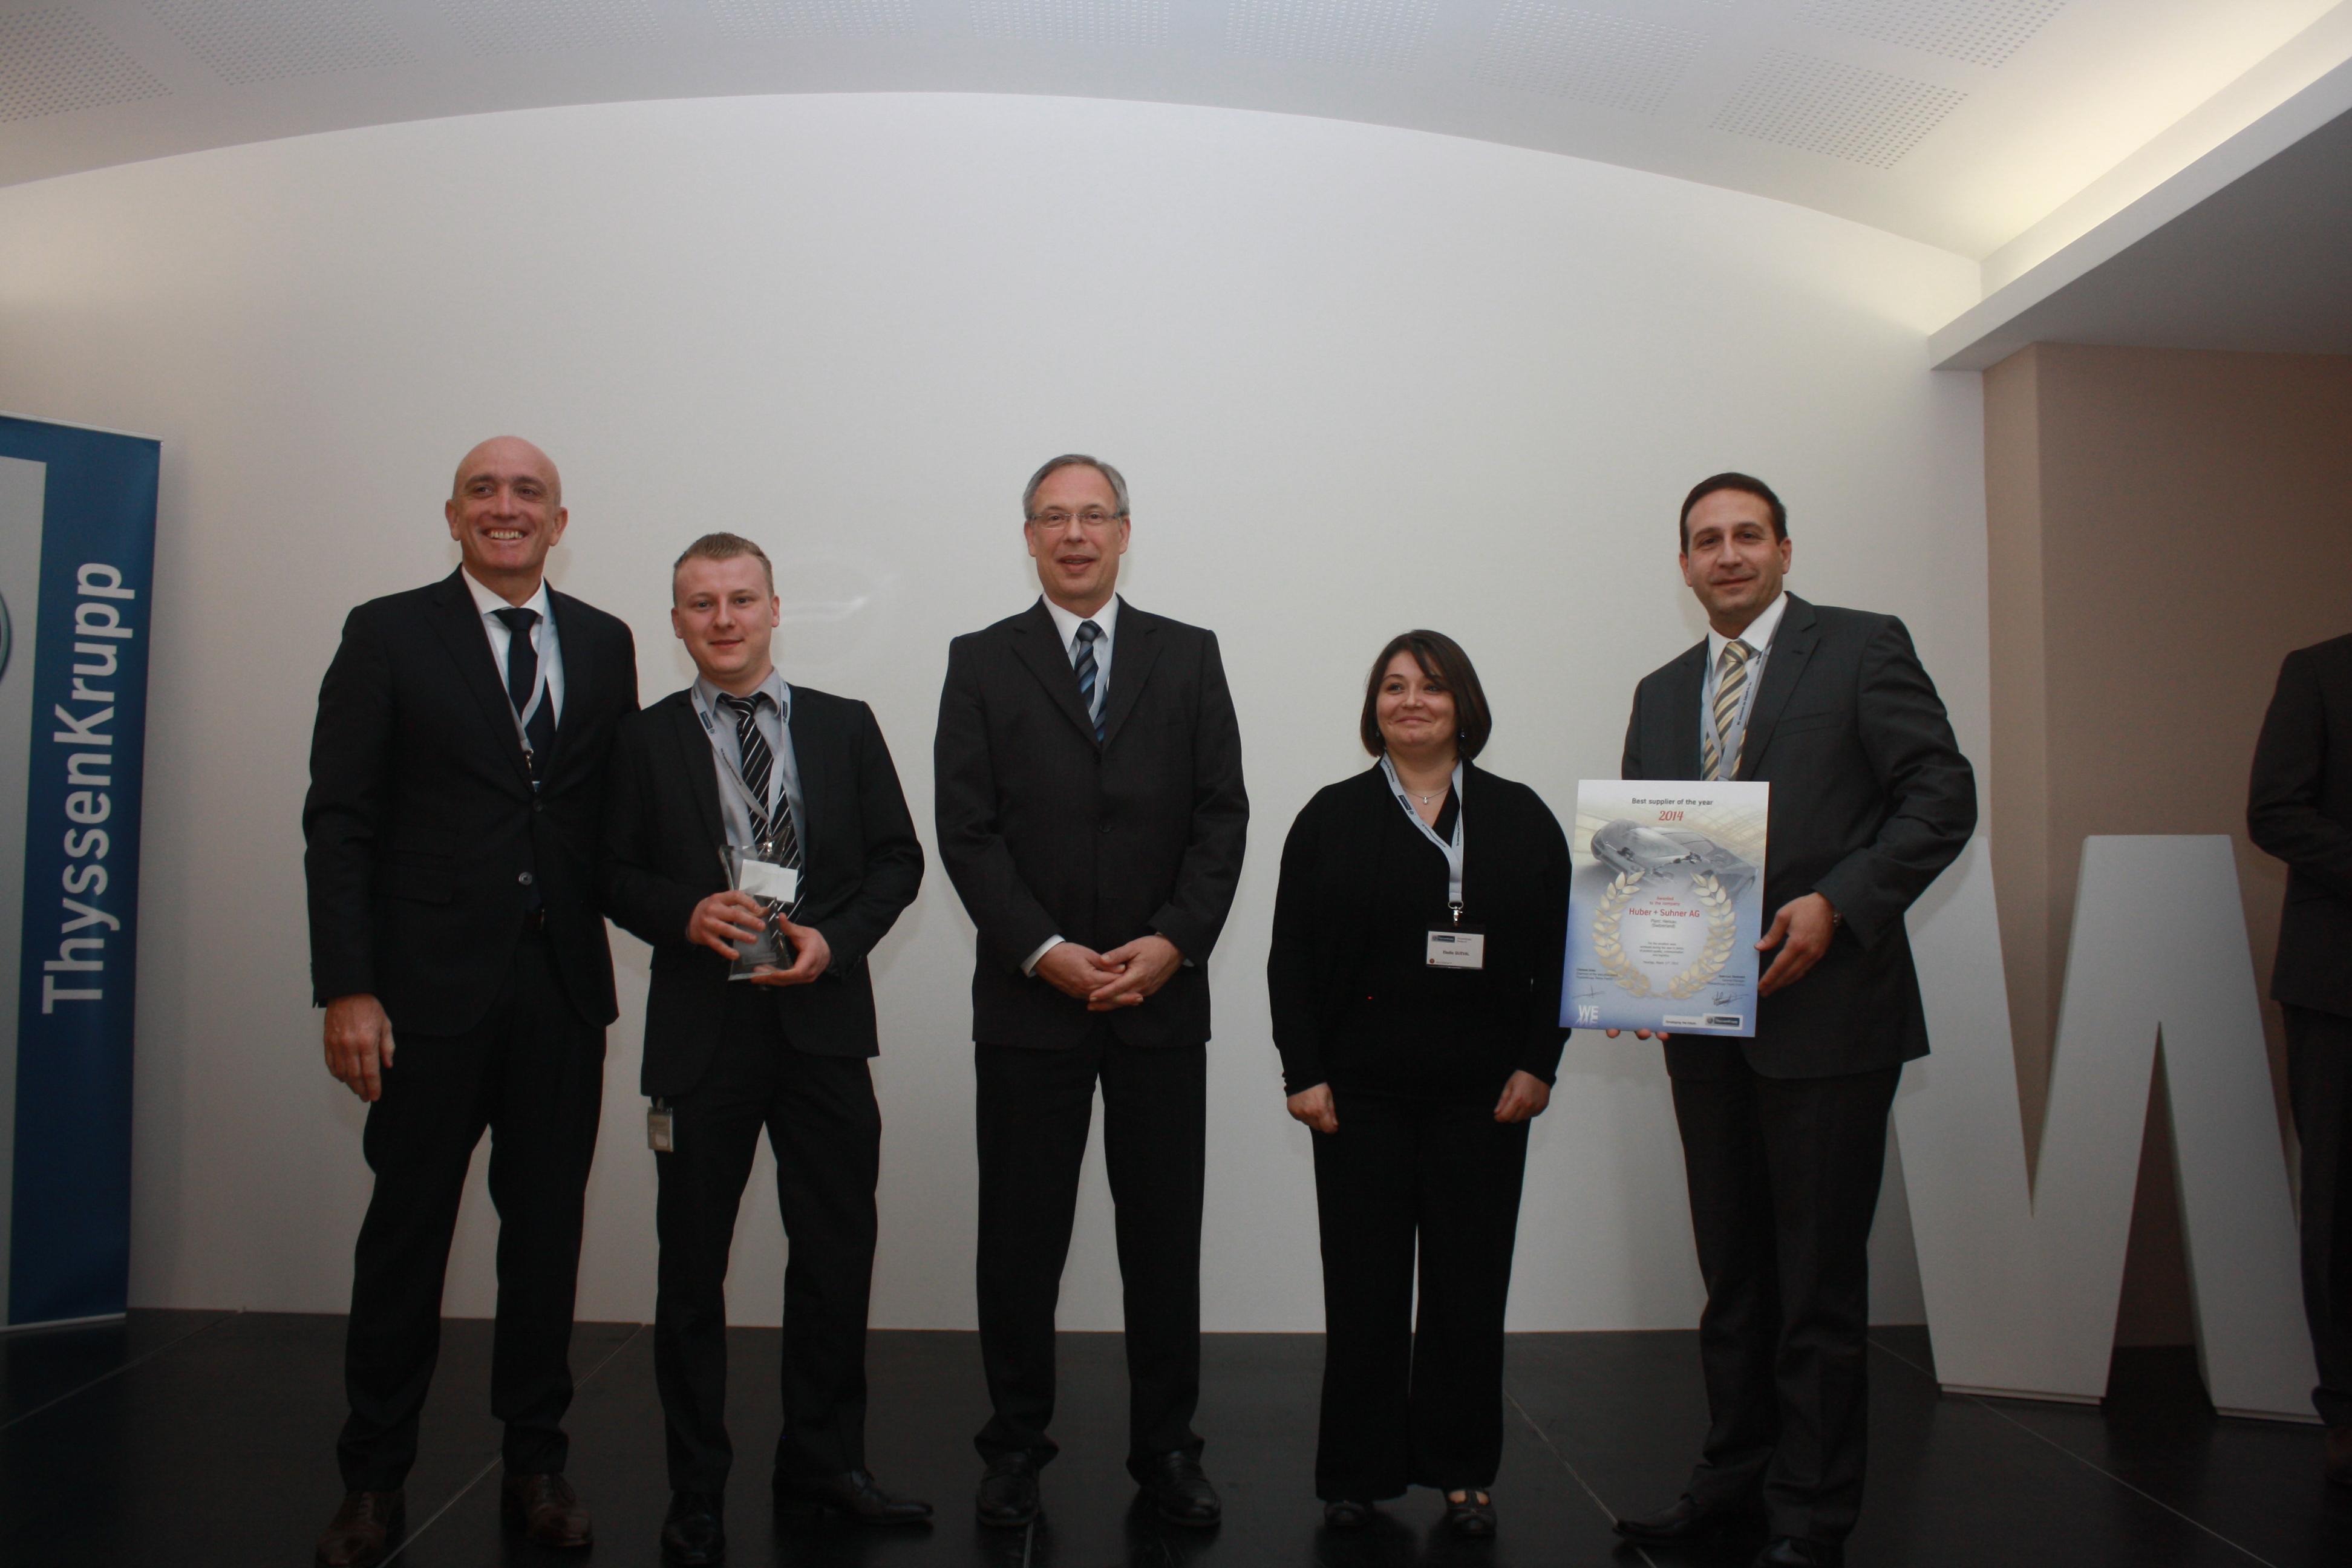 HUBER+SUHNER erhält Auszeichnung als bester Lieferant von ThyssenKrupp Presta France S.A.S